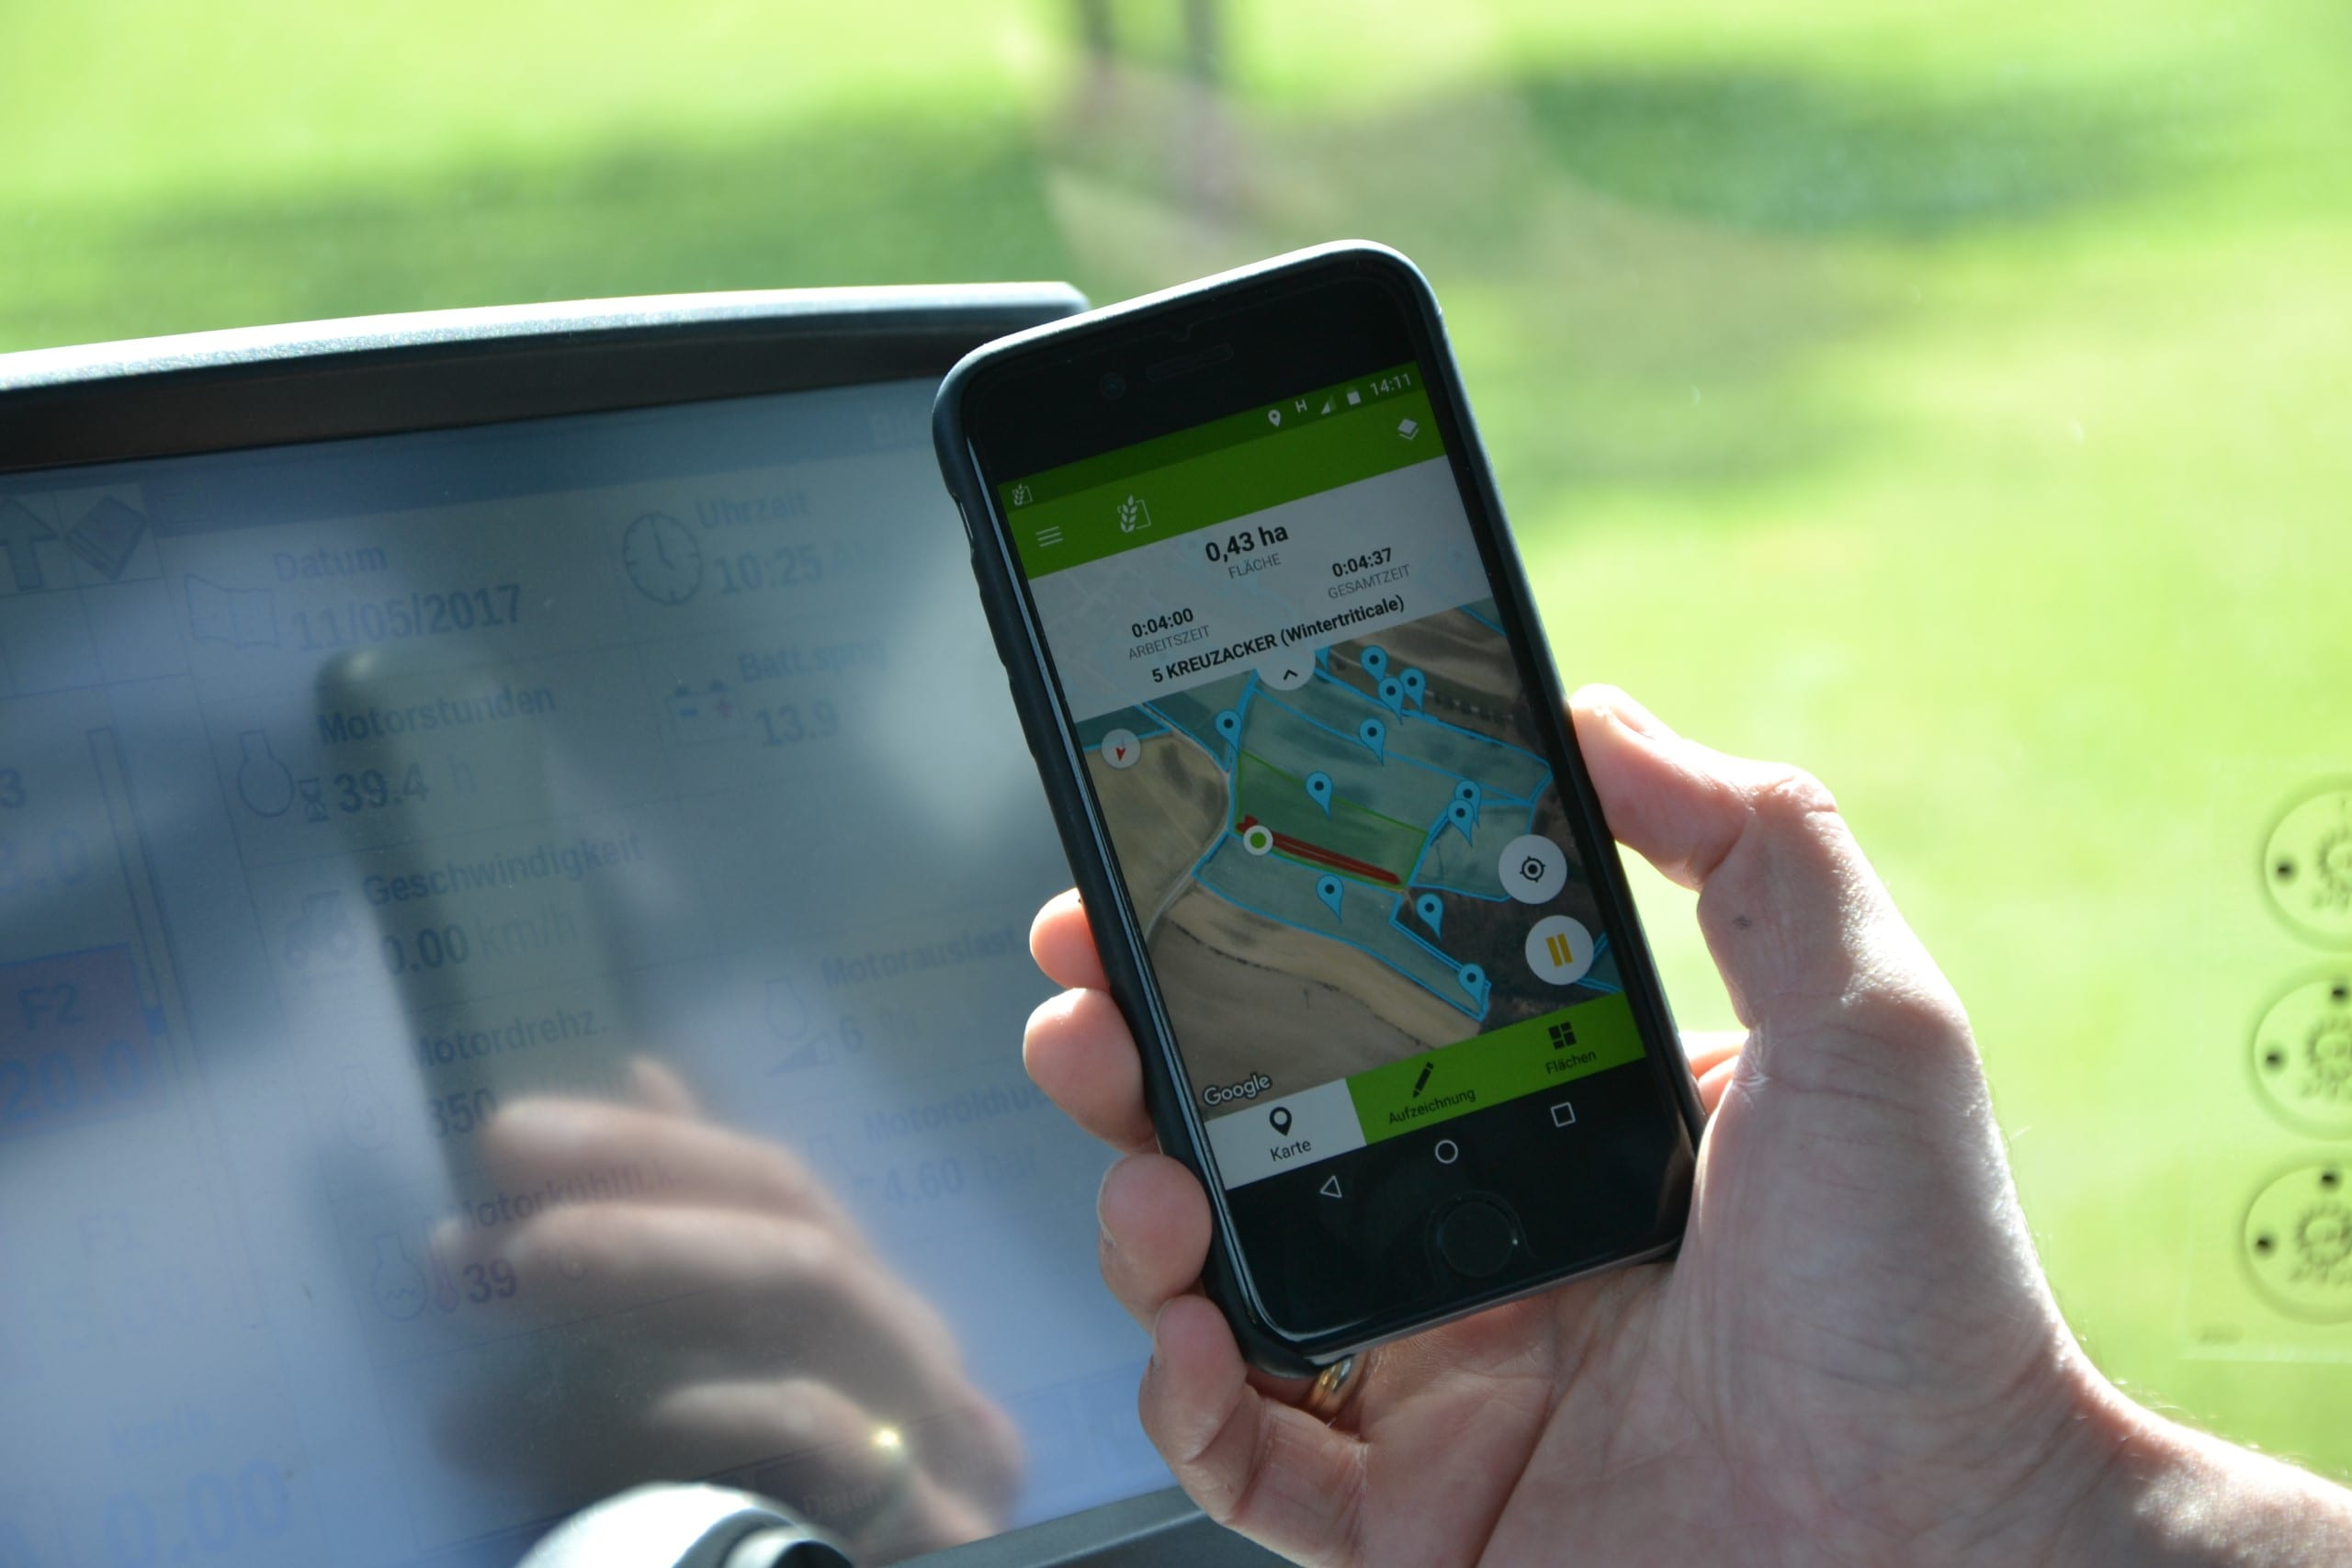 Satellitendaten - so sieht Landwirtschaft von oben aus (am Handy).